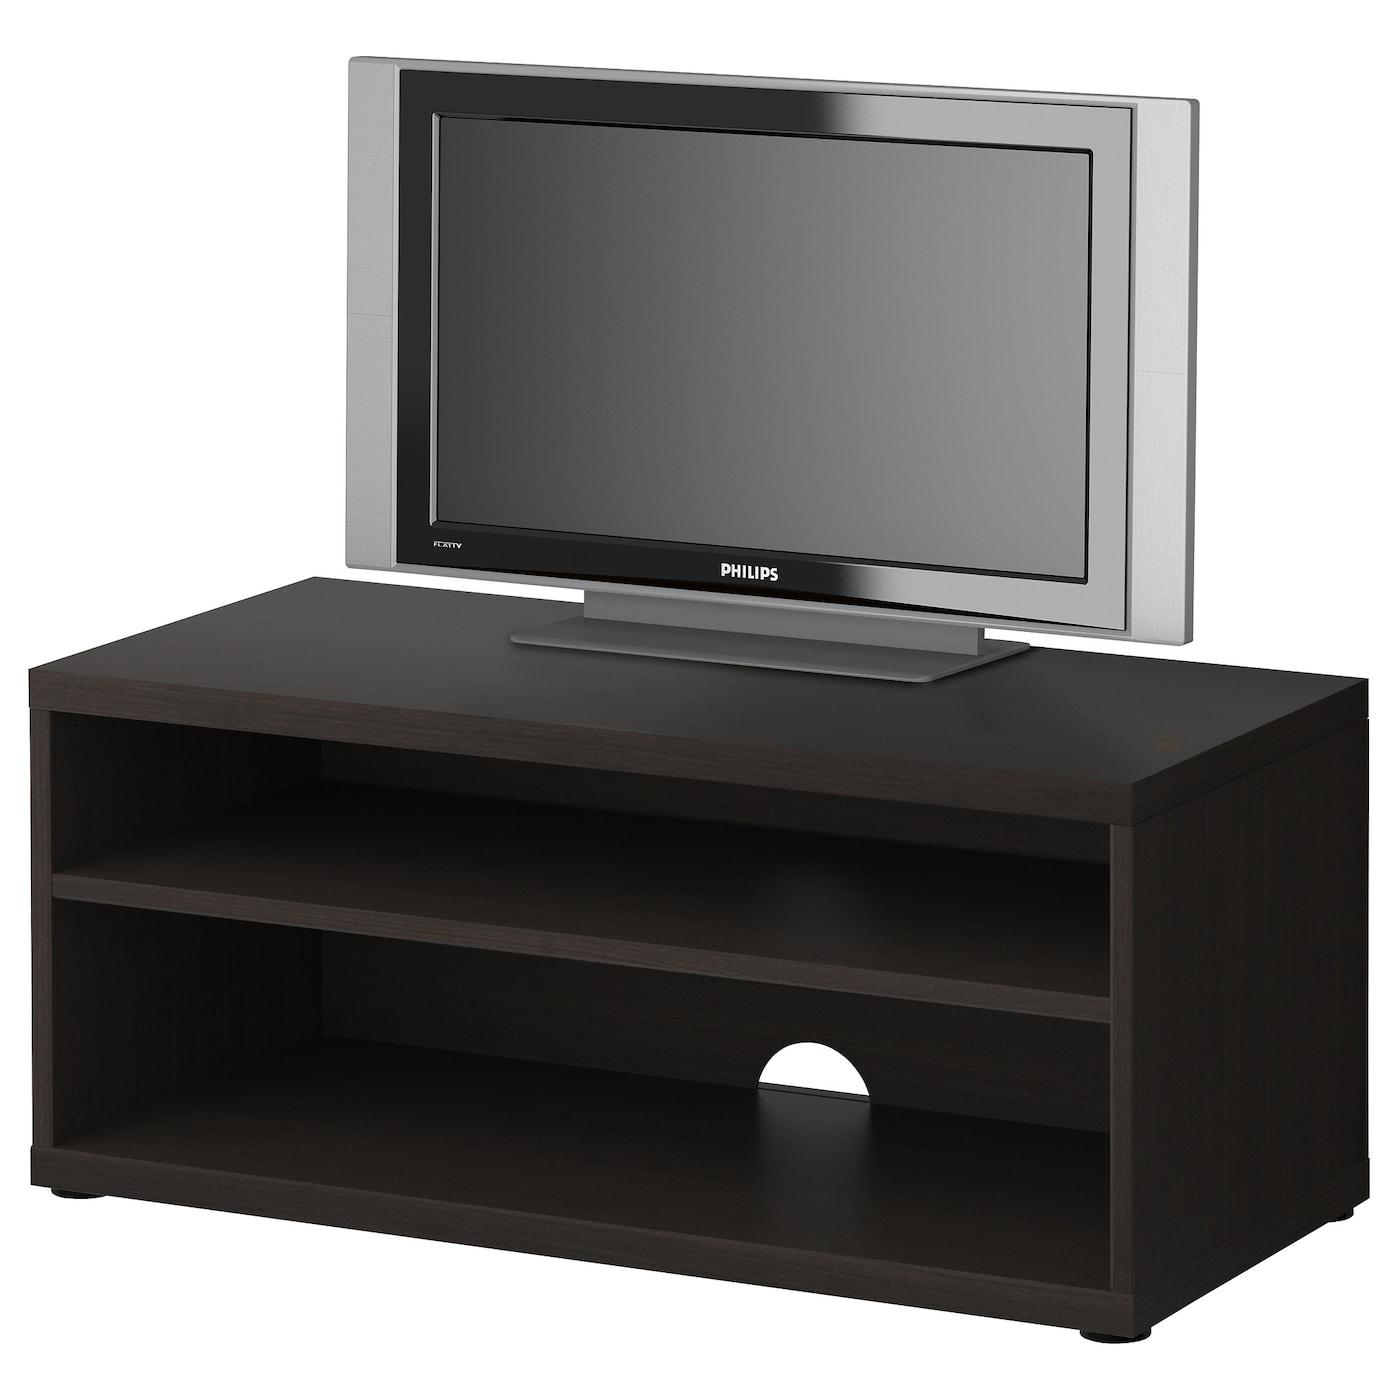 Mosj Banc Tv Brun Noir 90x40x38 Cm Ikea # Meuble Tv Prix Maroc Ikea